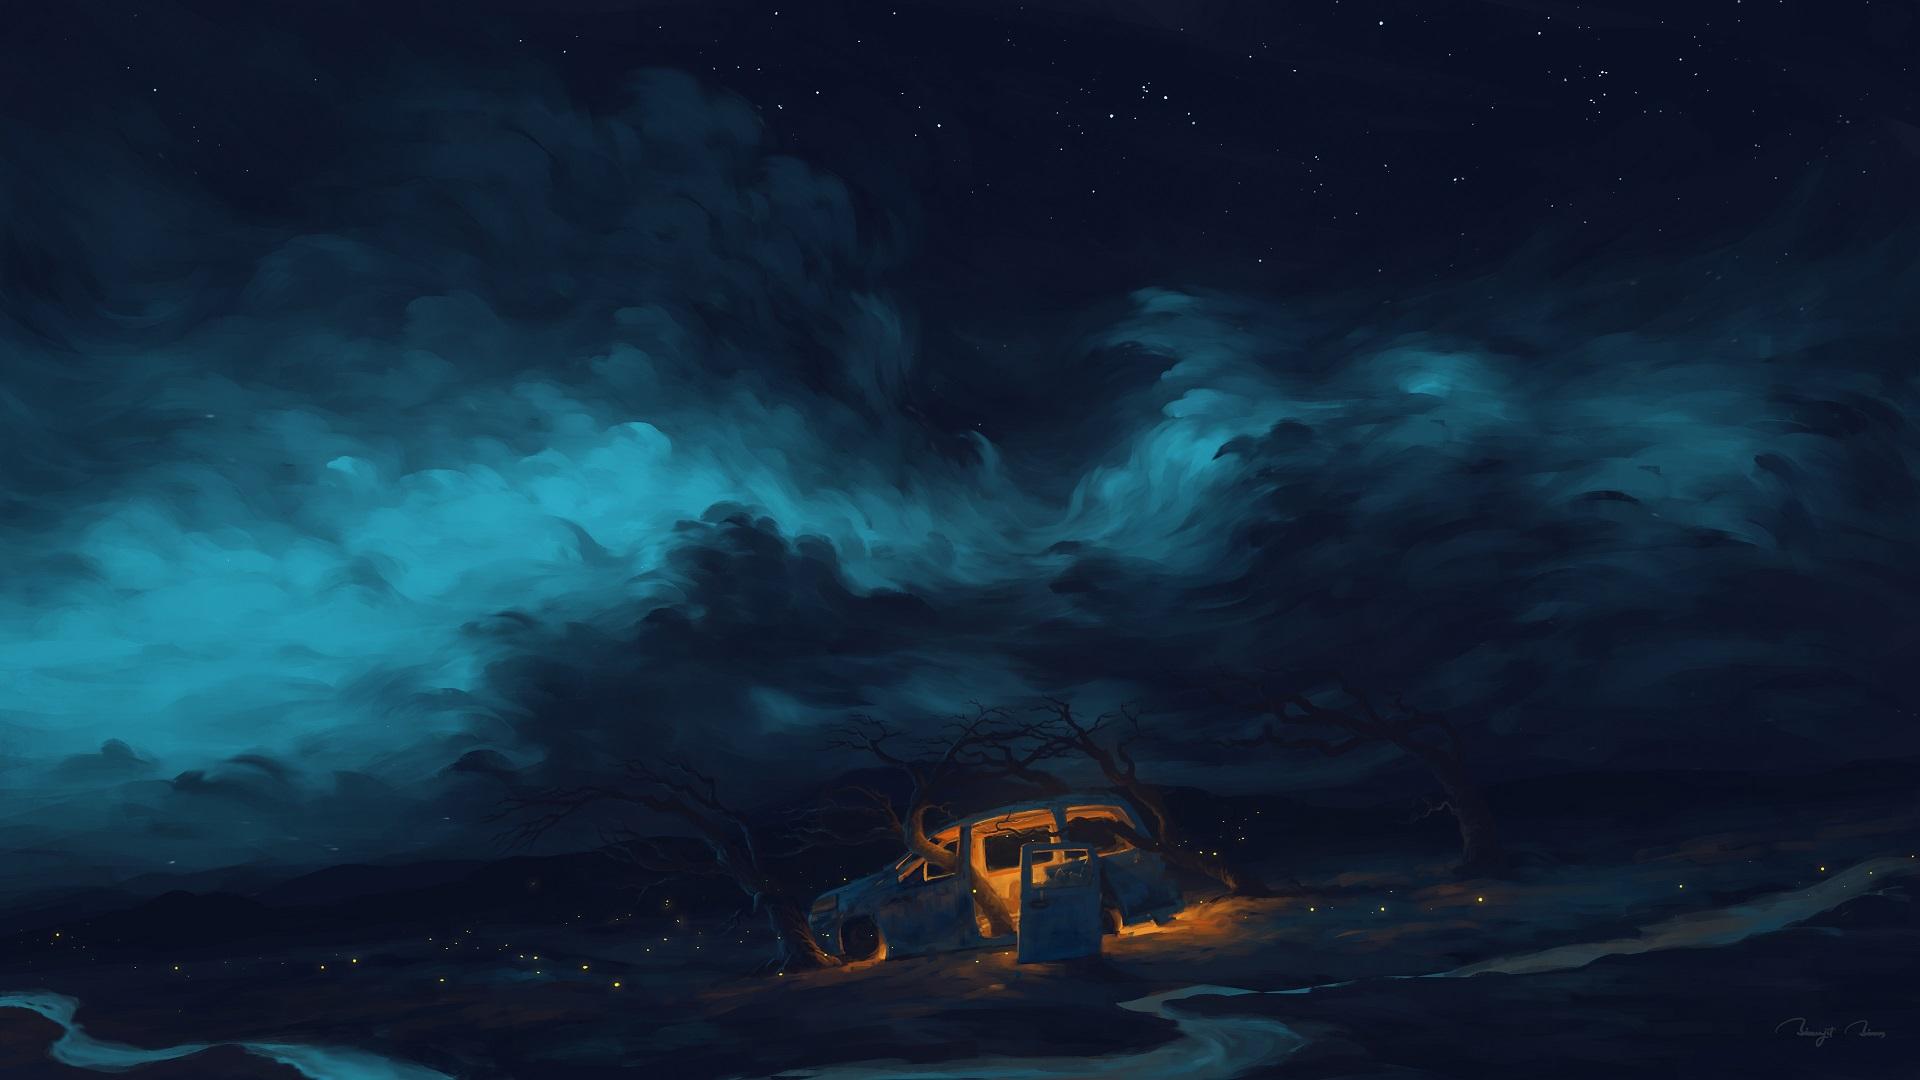 General 1920x1080 digital painting night car sky clouds BisBiswas fireflies